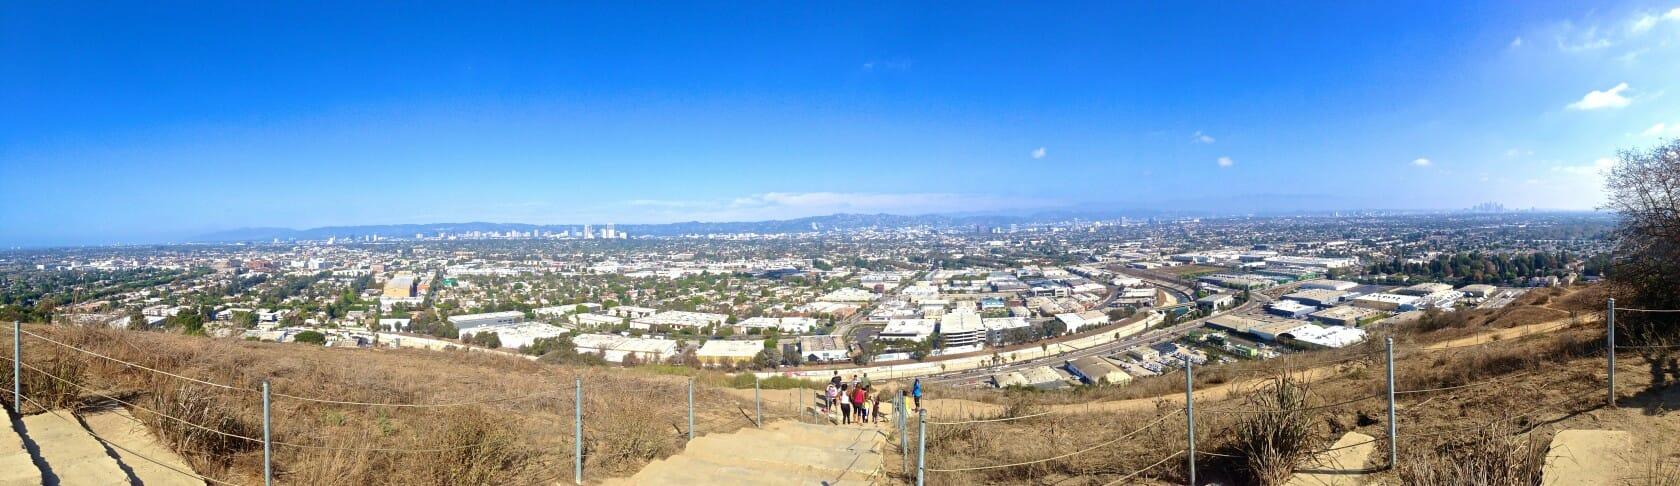 best views in LA Baldwin Hills